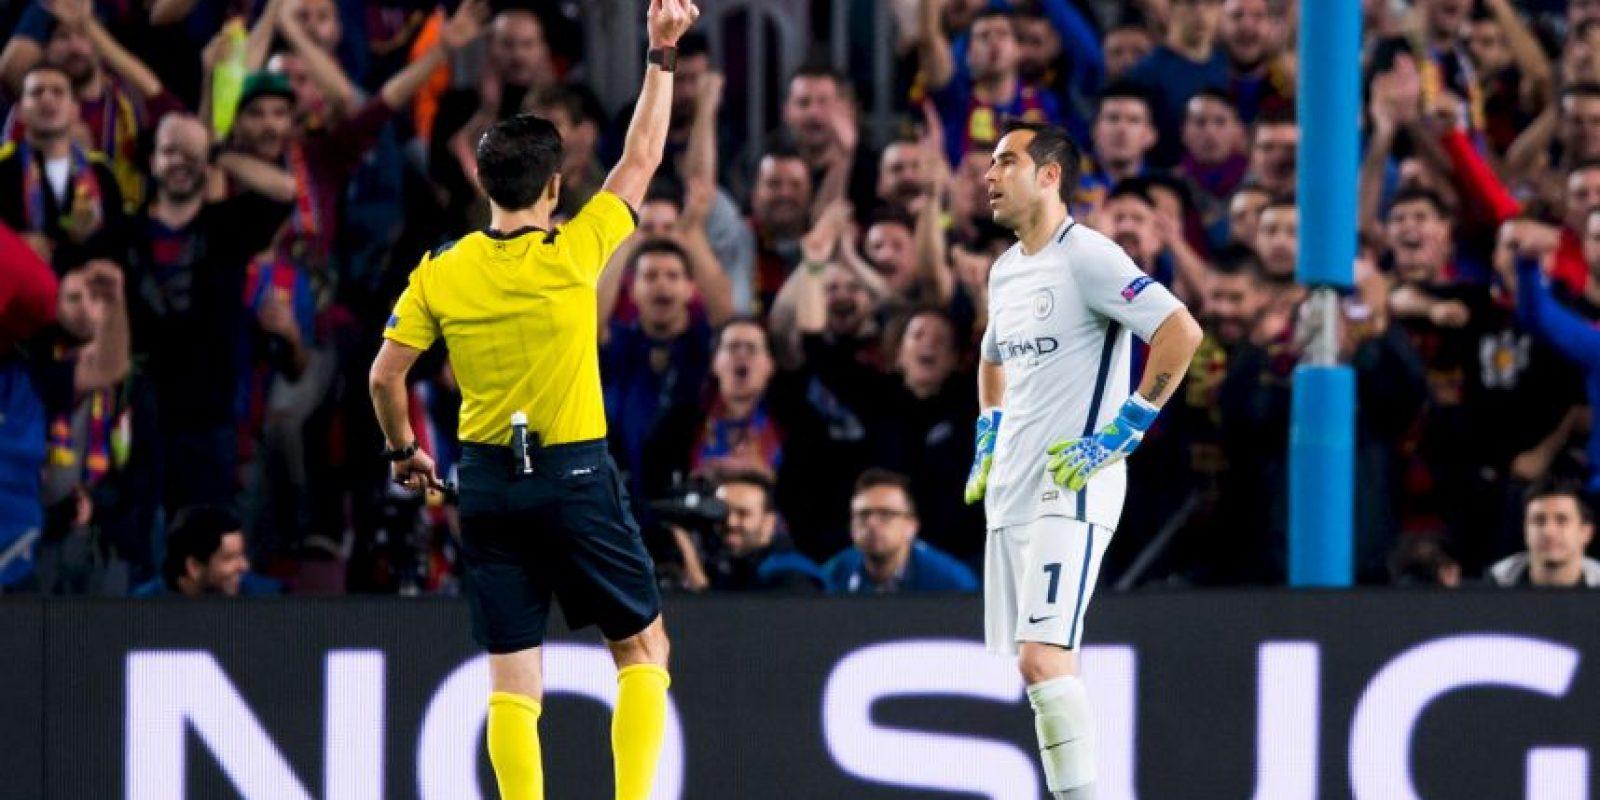 La acción le costó la tarjeta roja Foto:Getty Images